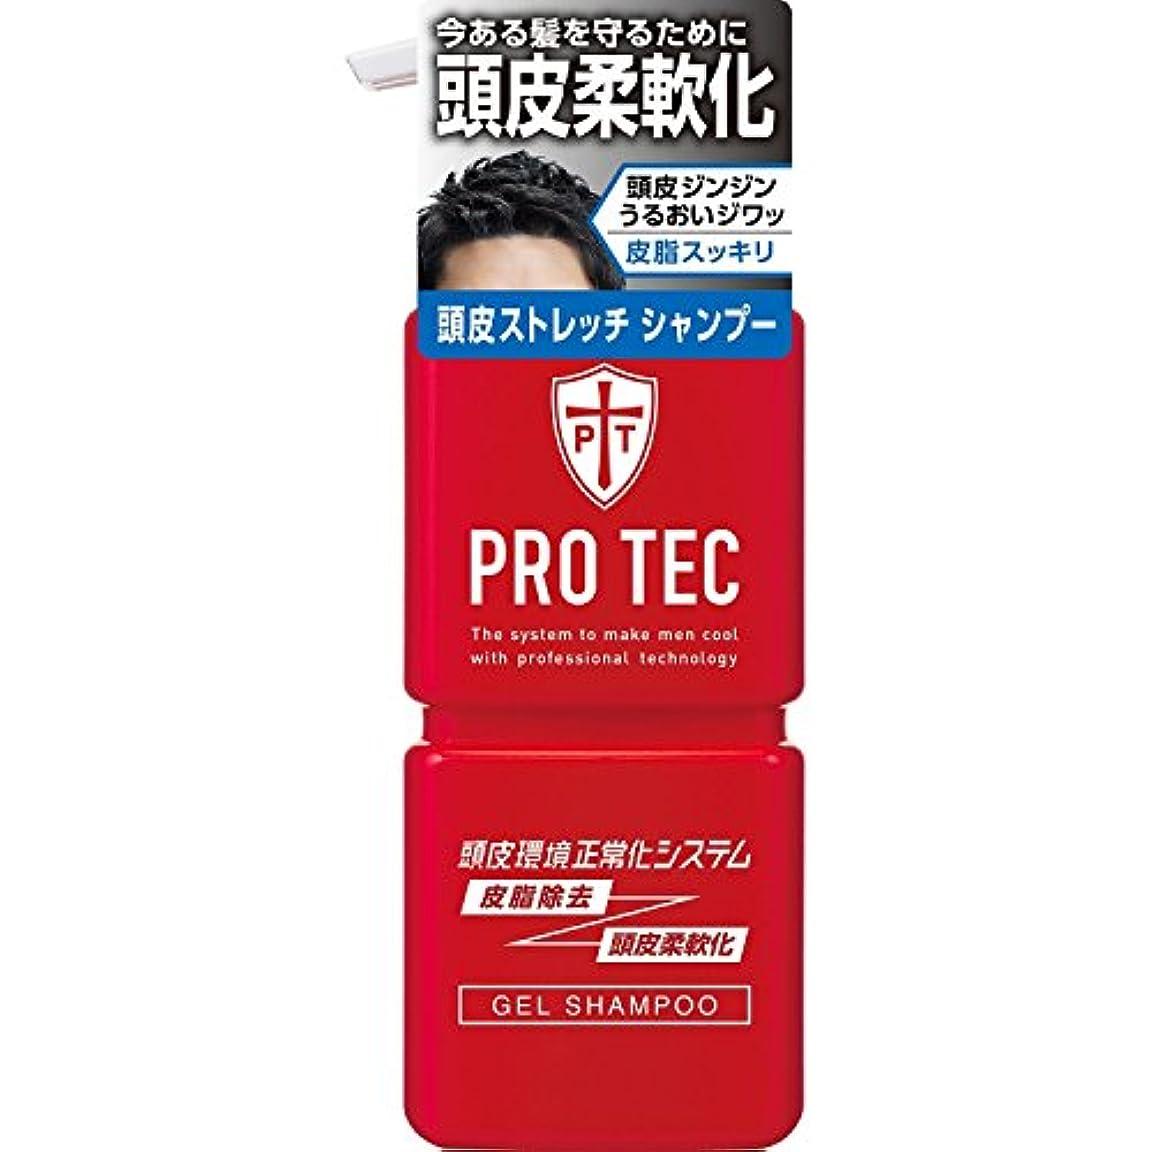 懸念メロディアス職業PRO TEC(プロテク) 頭皮ストレッチ シャンプー 本体ポンプ 300g(医薬部外品)